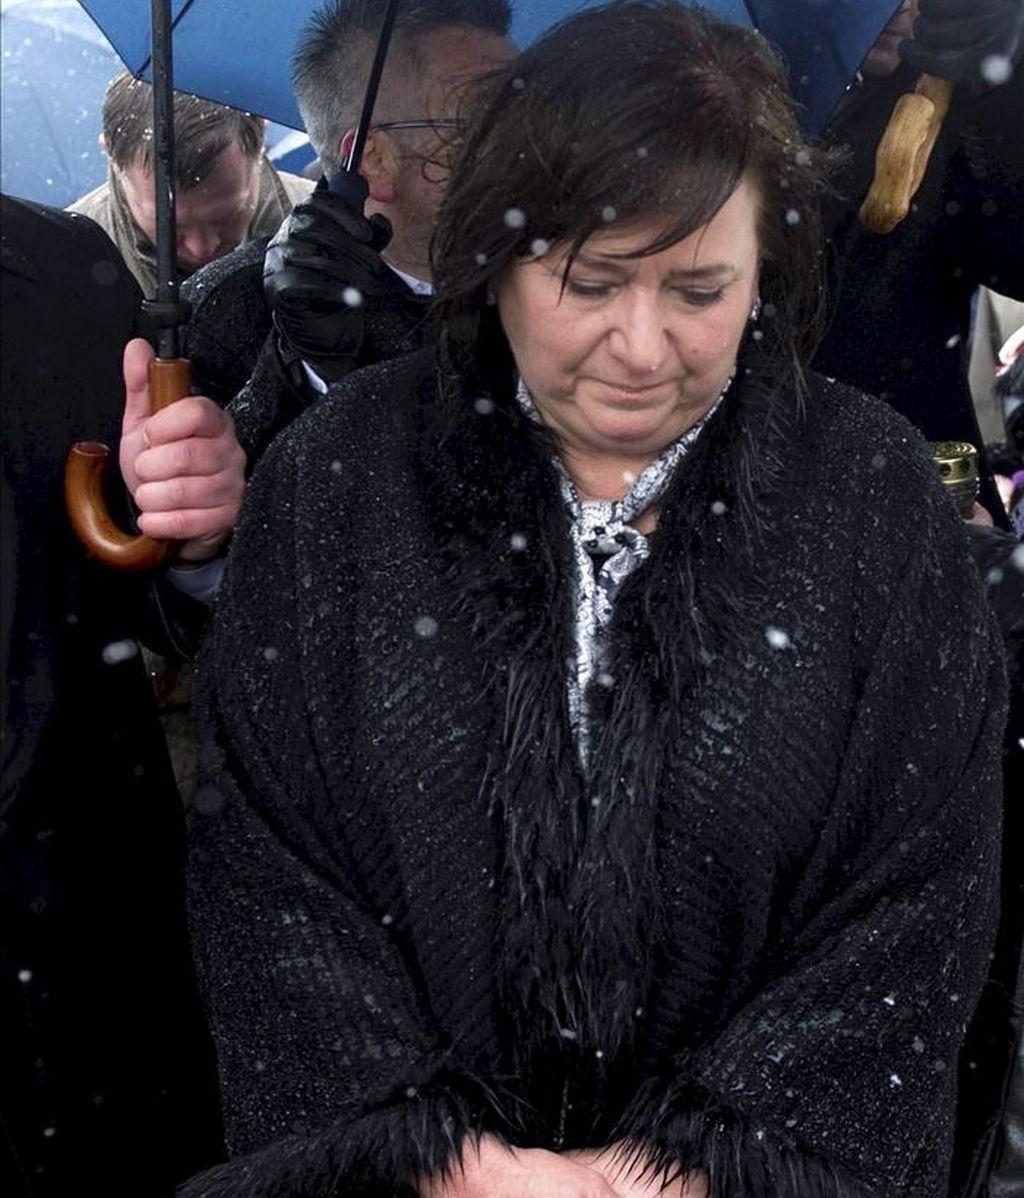 La primera dama polaca, Anna Komorowska, camina cerca del monumento conmemorativo del accidente del avión en el que falleció el presidente polaco Lech Kaczynski durante un acto para recordar el primer aniversario de la tragedia, cerca de Smolensk (Rusia) hoy. EFE